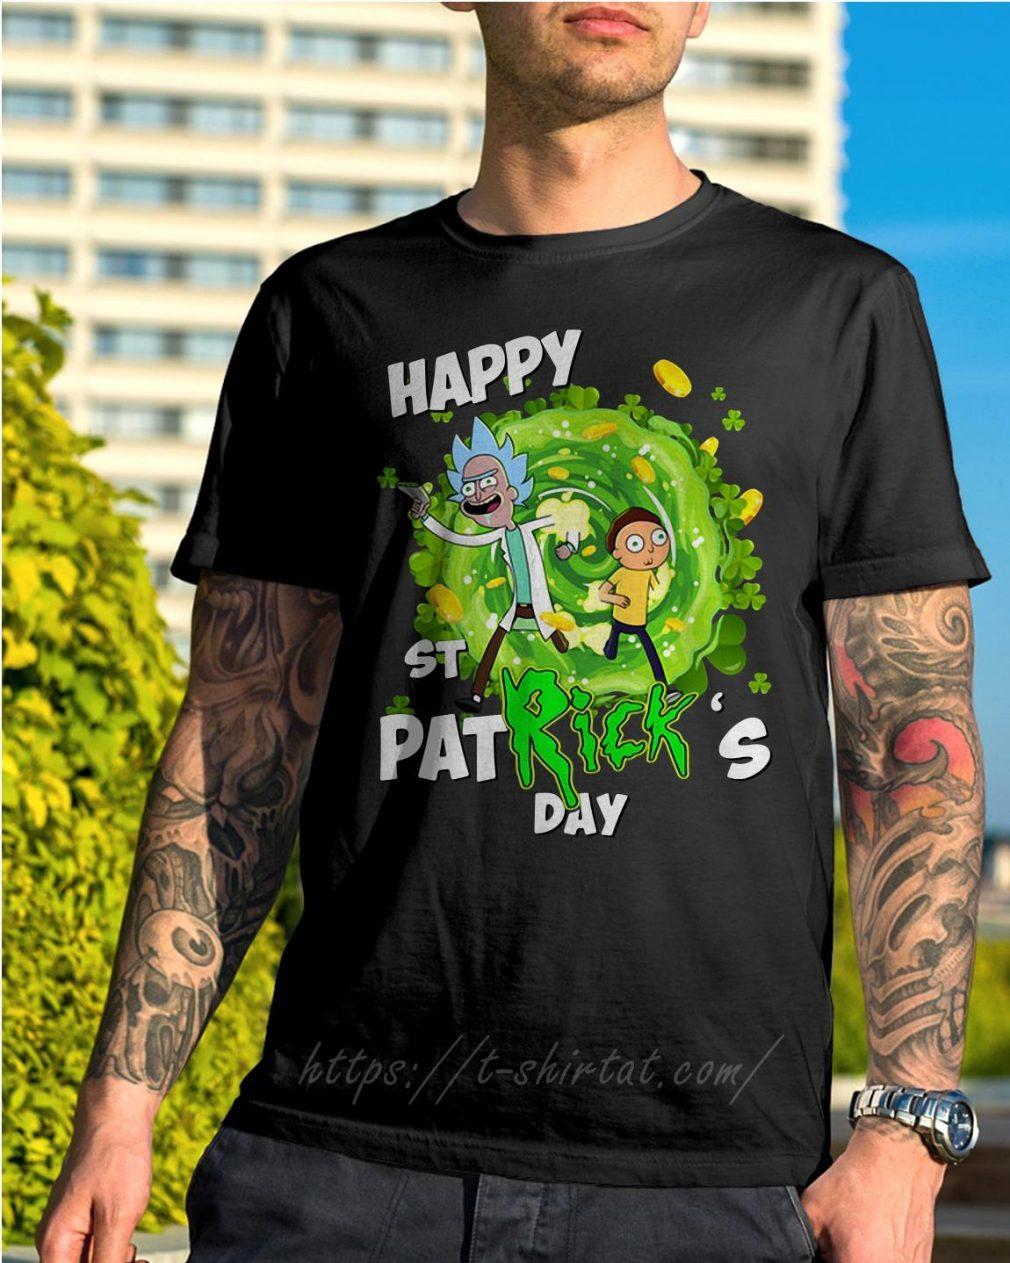 Happy St PatRick's day Rick Sanchez shirt